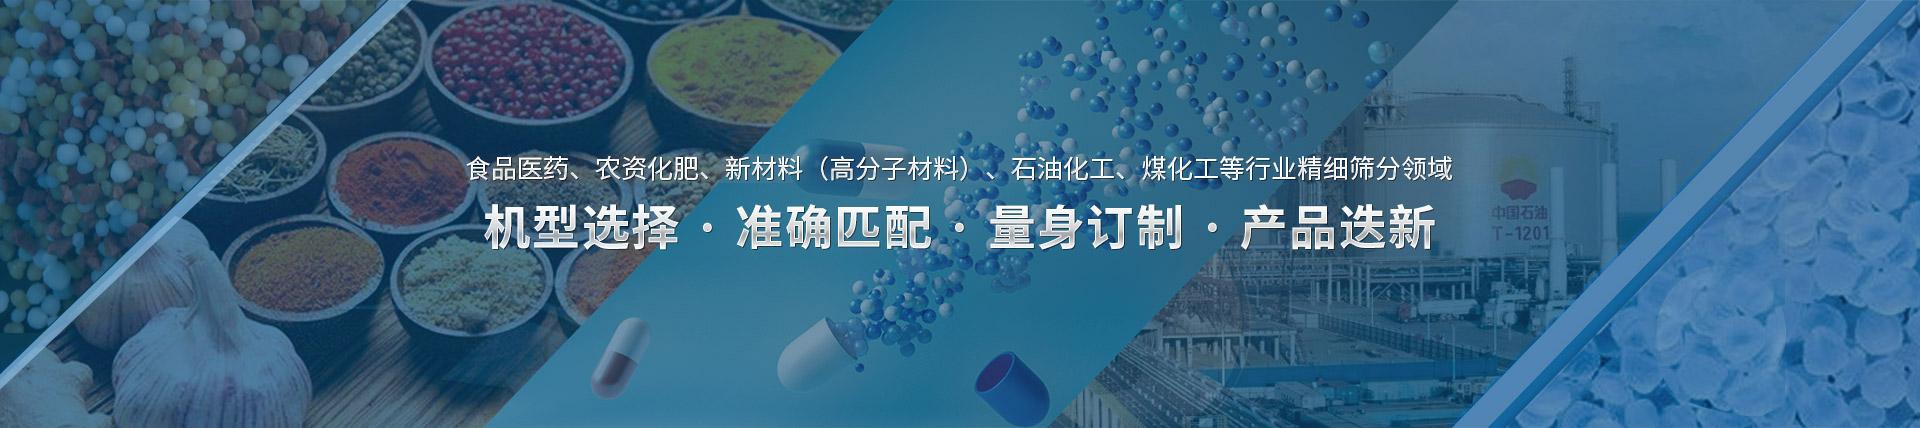 阿徕德专注食品医药、农资化肥、新材料(高分子材料)、石油化工、煤化工等行业精细筛分领域